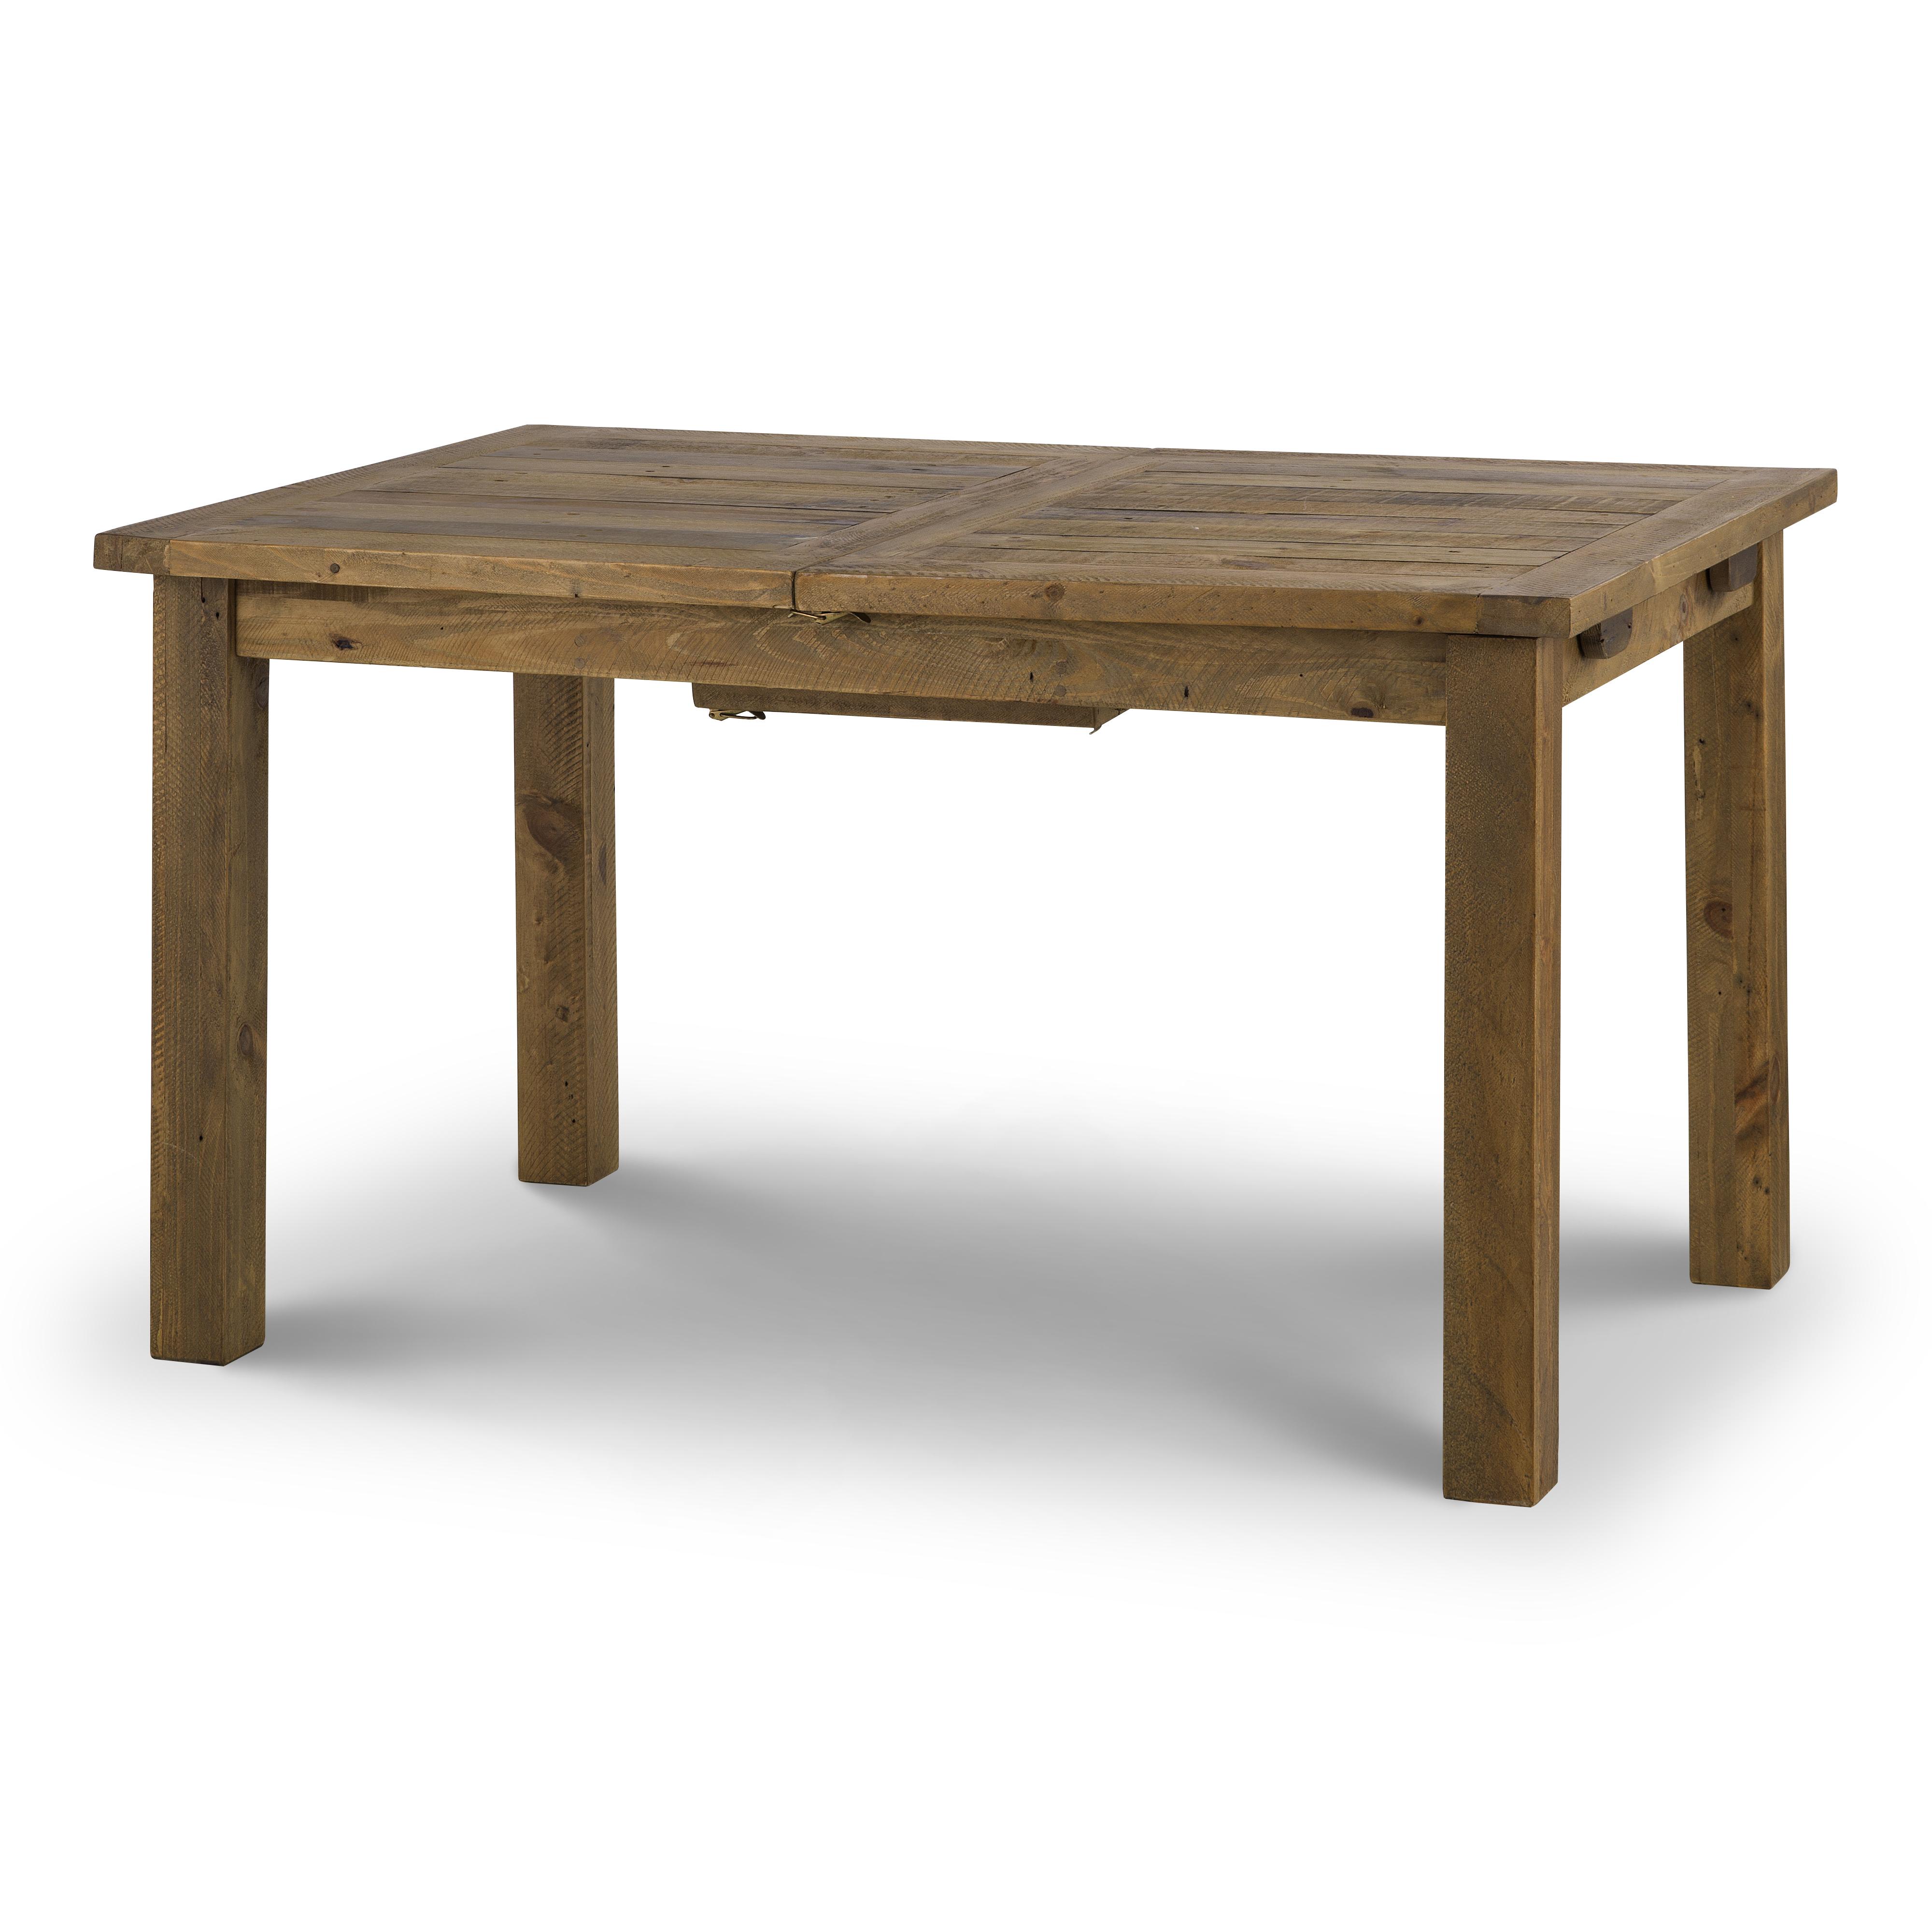 Julian Bowen Aspen Extending Dining Table Online Bed  : ASP0011 from www.hamseys.co.uk size 4000 x 4000 jpeg 4317kB